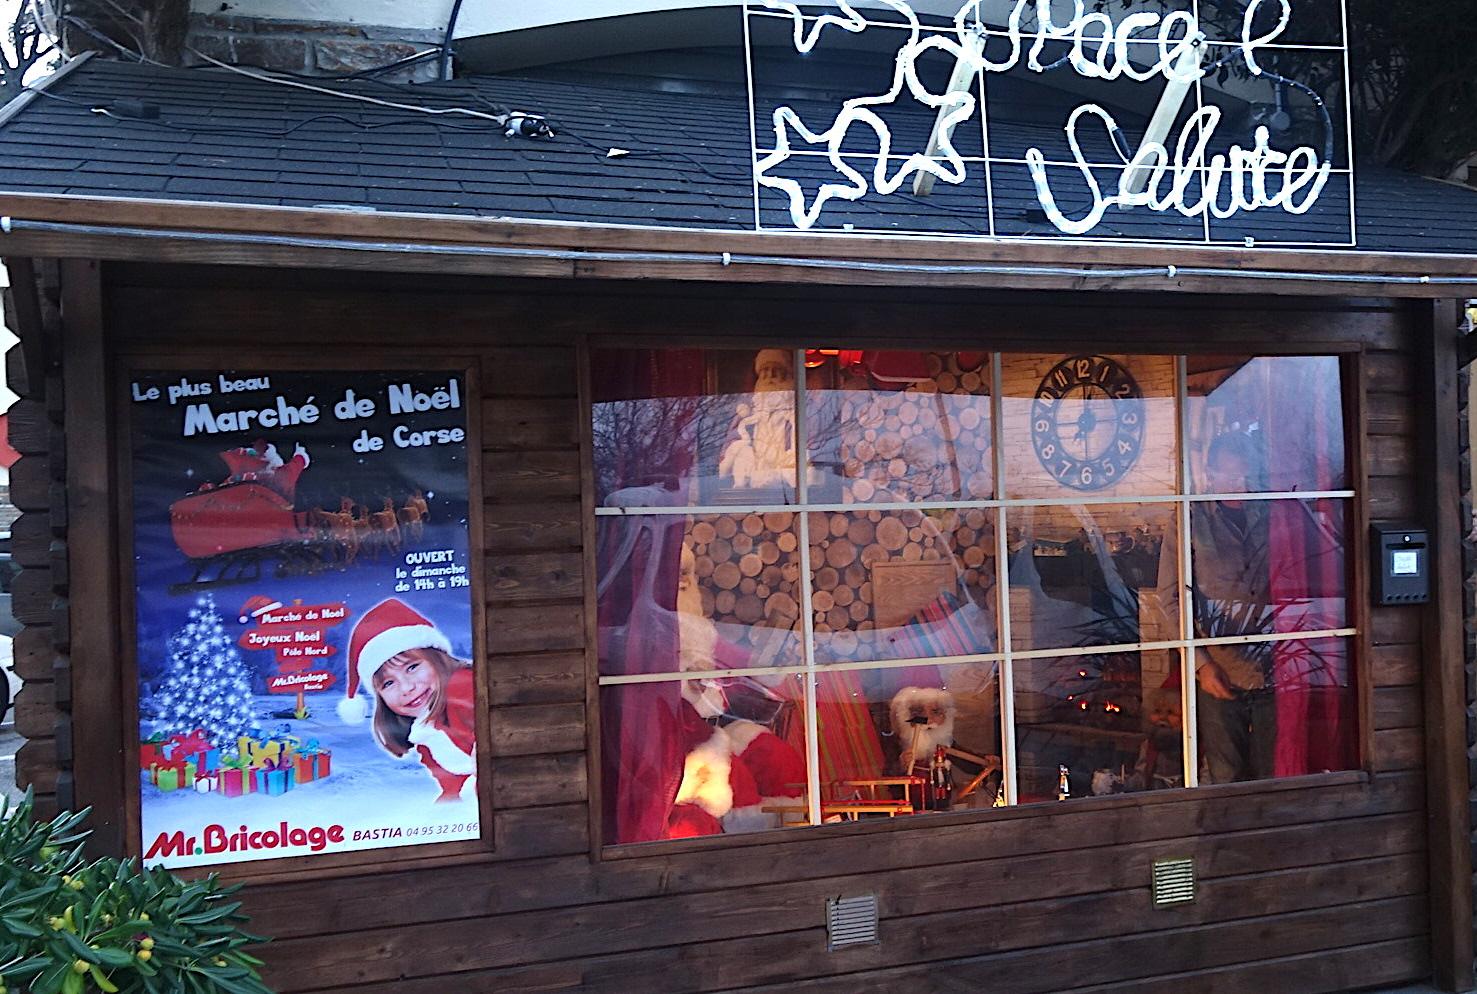 Marché de Noël de Mr Bricolage : Le concept bastiais s'exporte